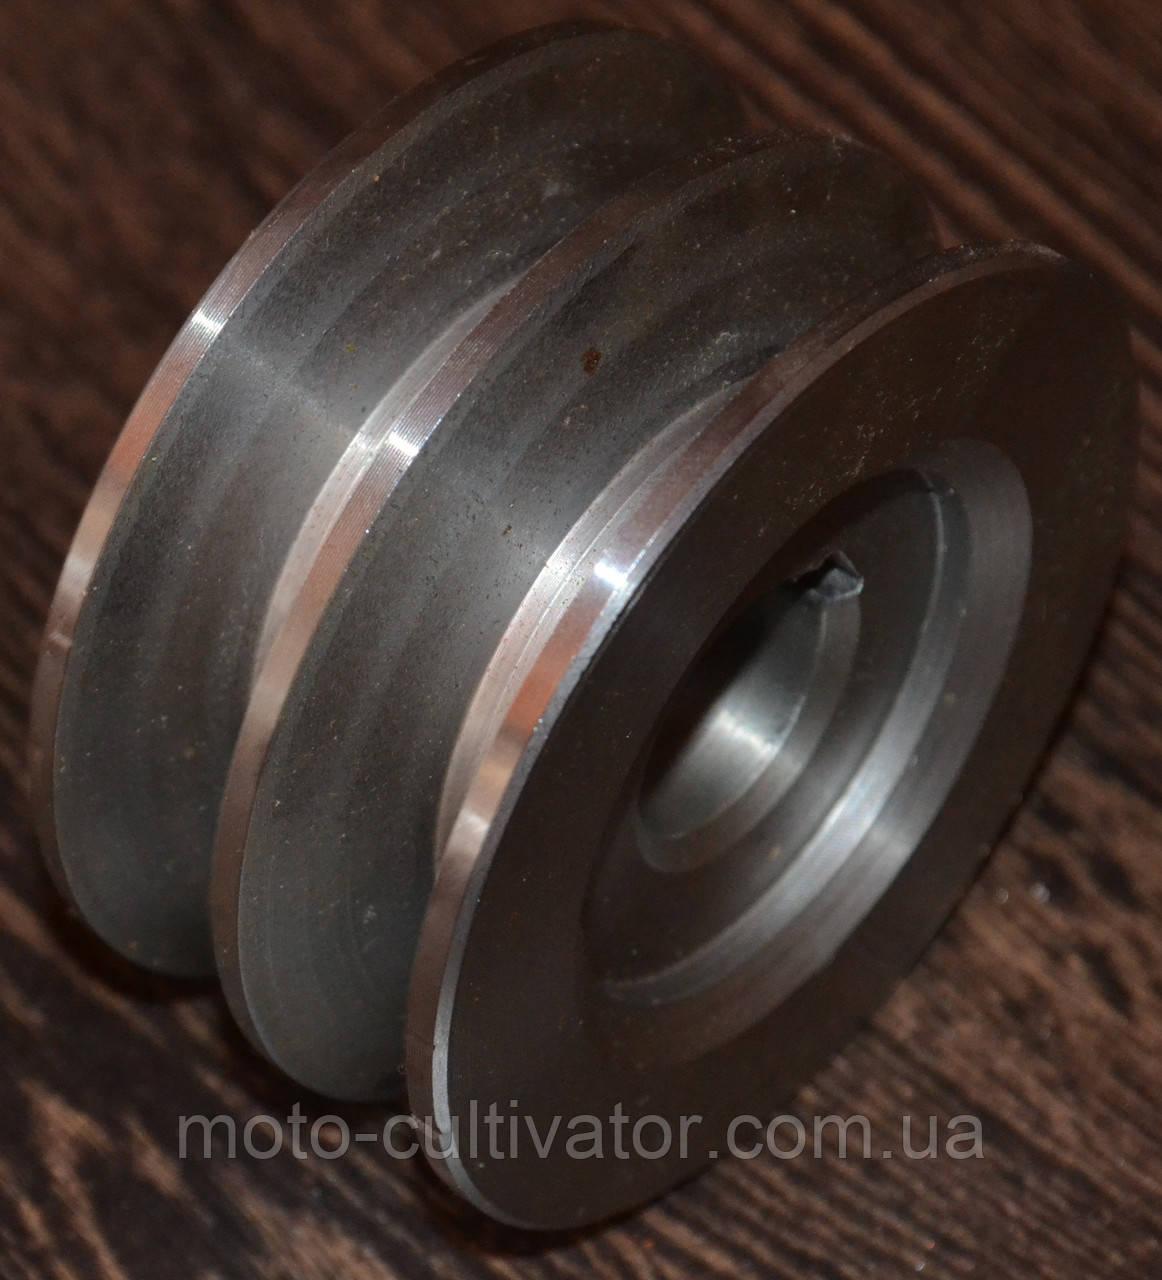 Шкив 2-х ручейковый (профиль Б) 22мм внутренний, наружный 85 мм